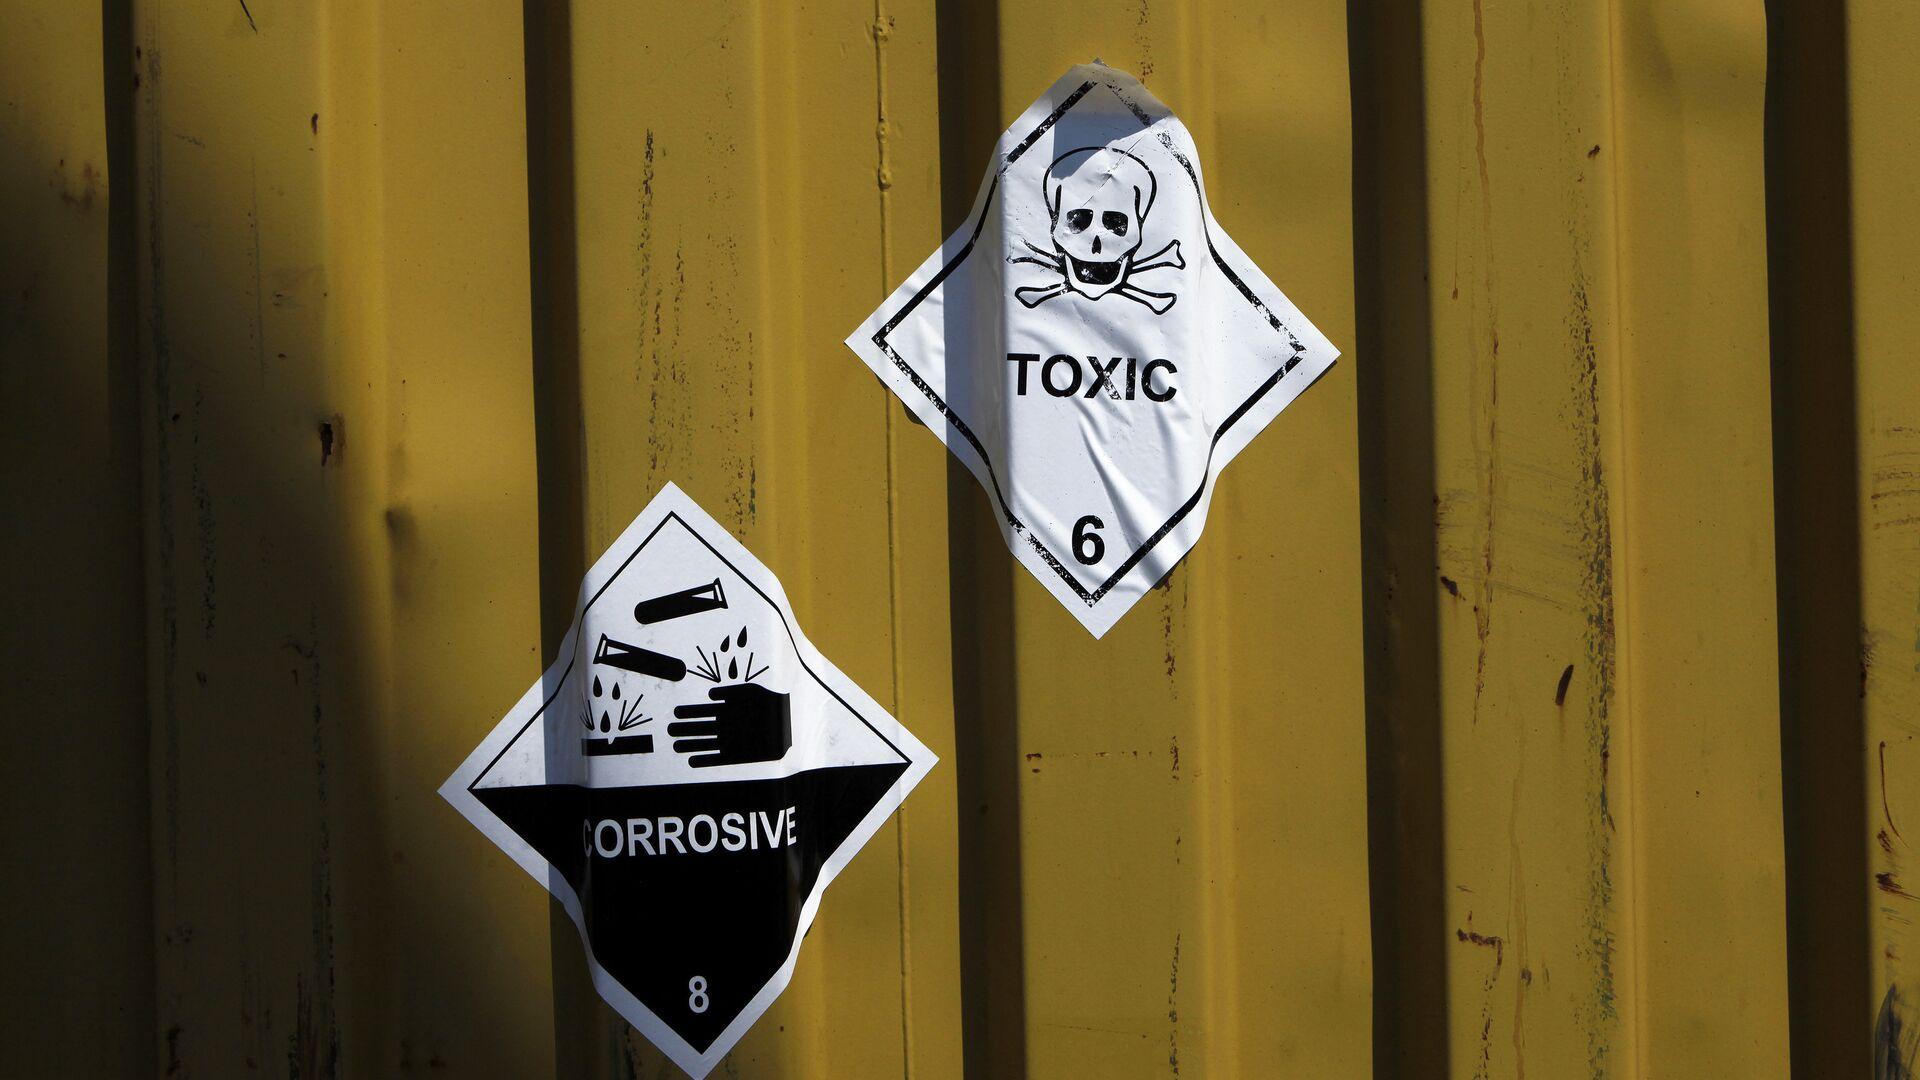 Etiquetas en los contenedores de armas químicas - Sputnik Mundo, 1920, 13.05.2021